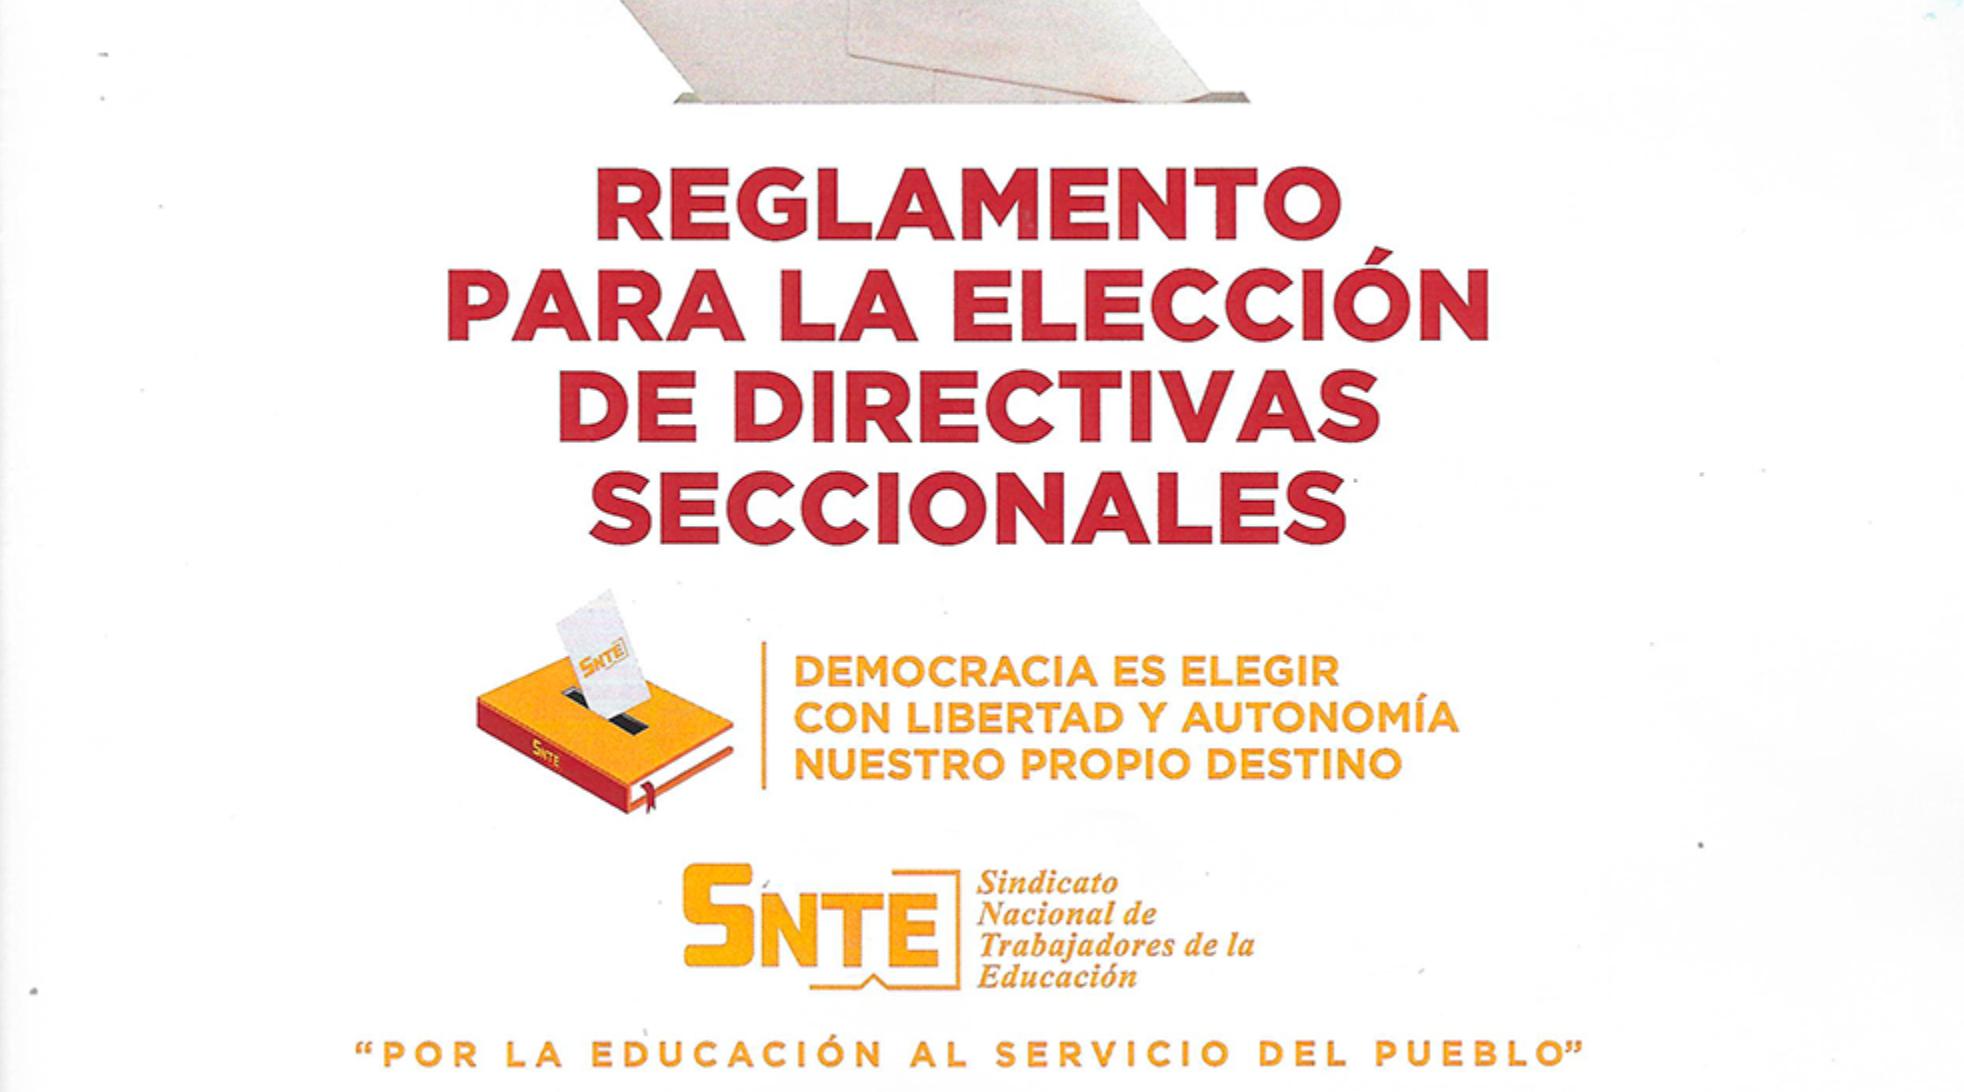 Reglamento para la elección de directivas seccionales